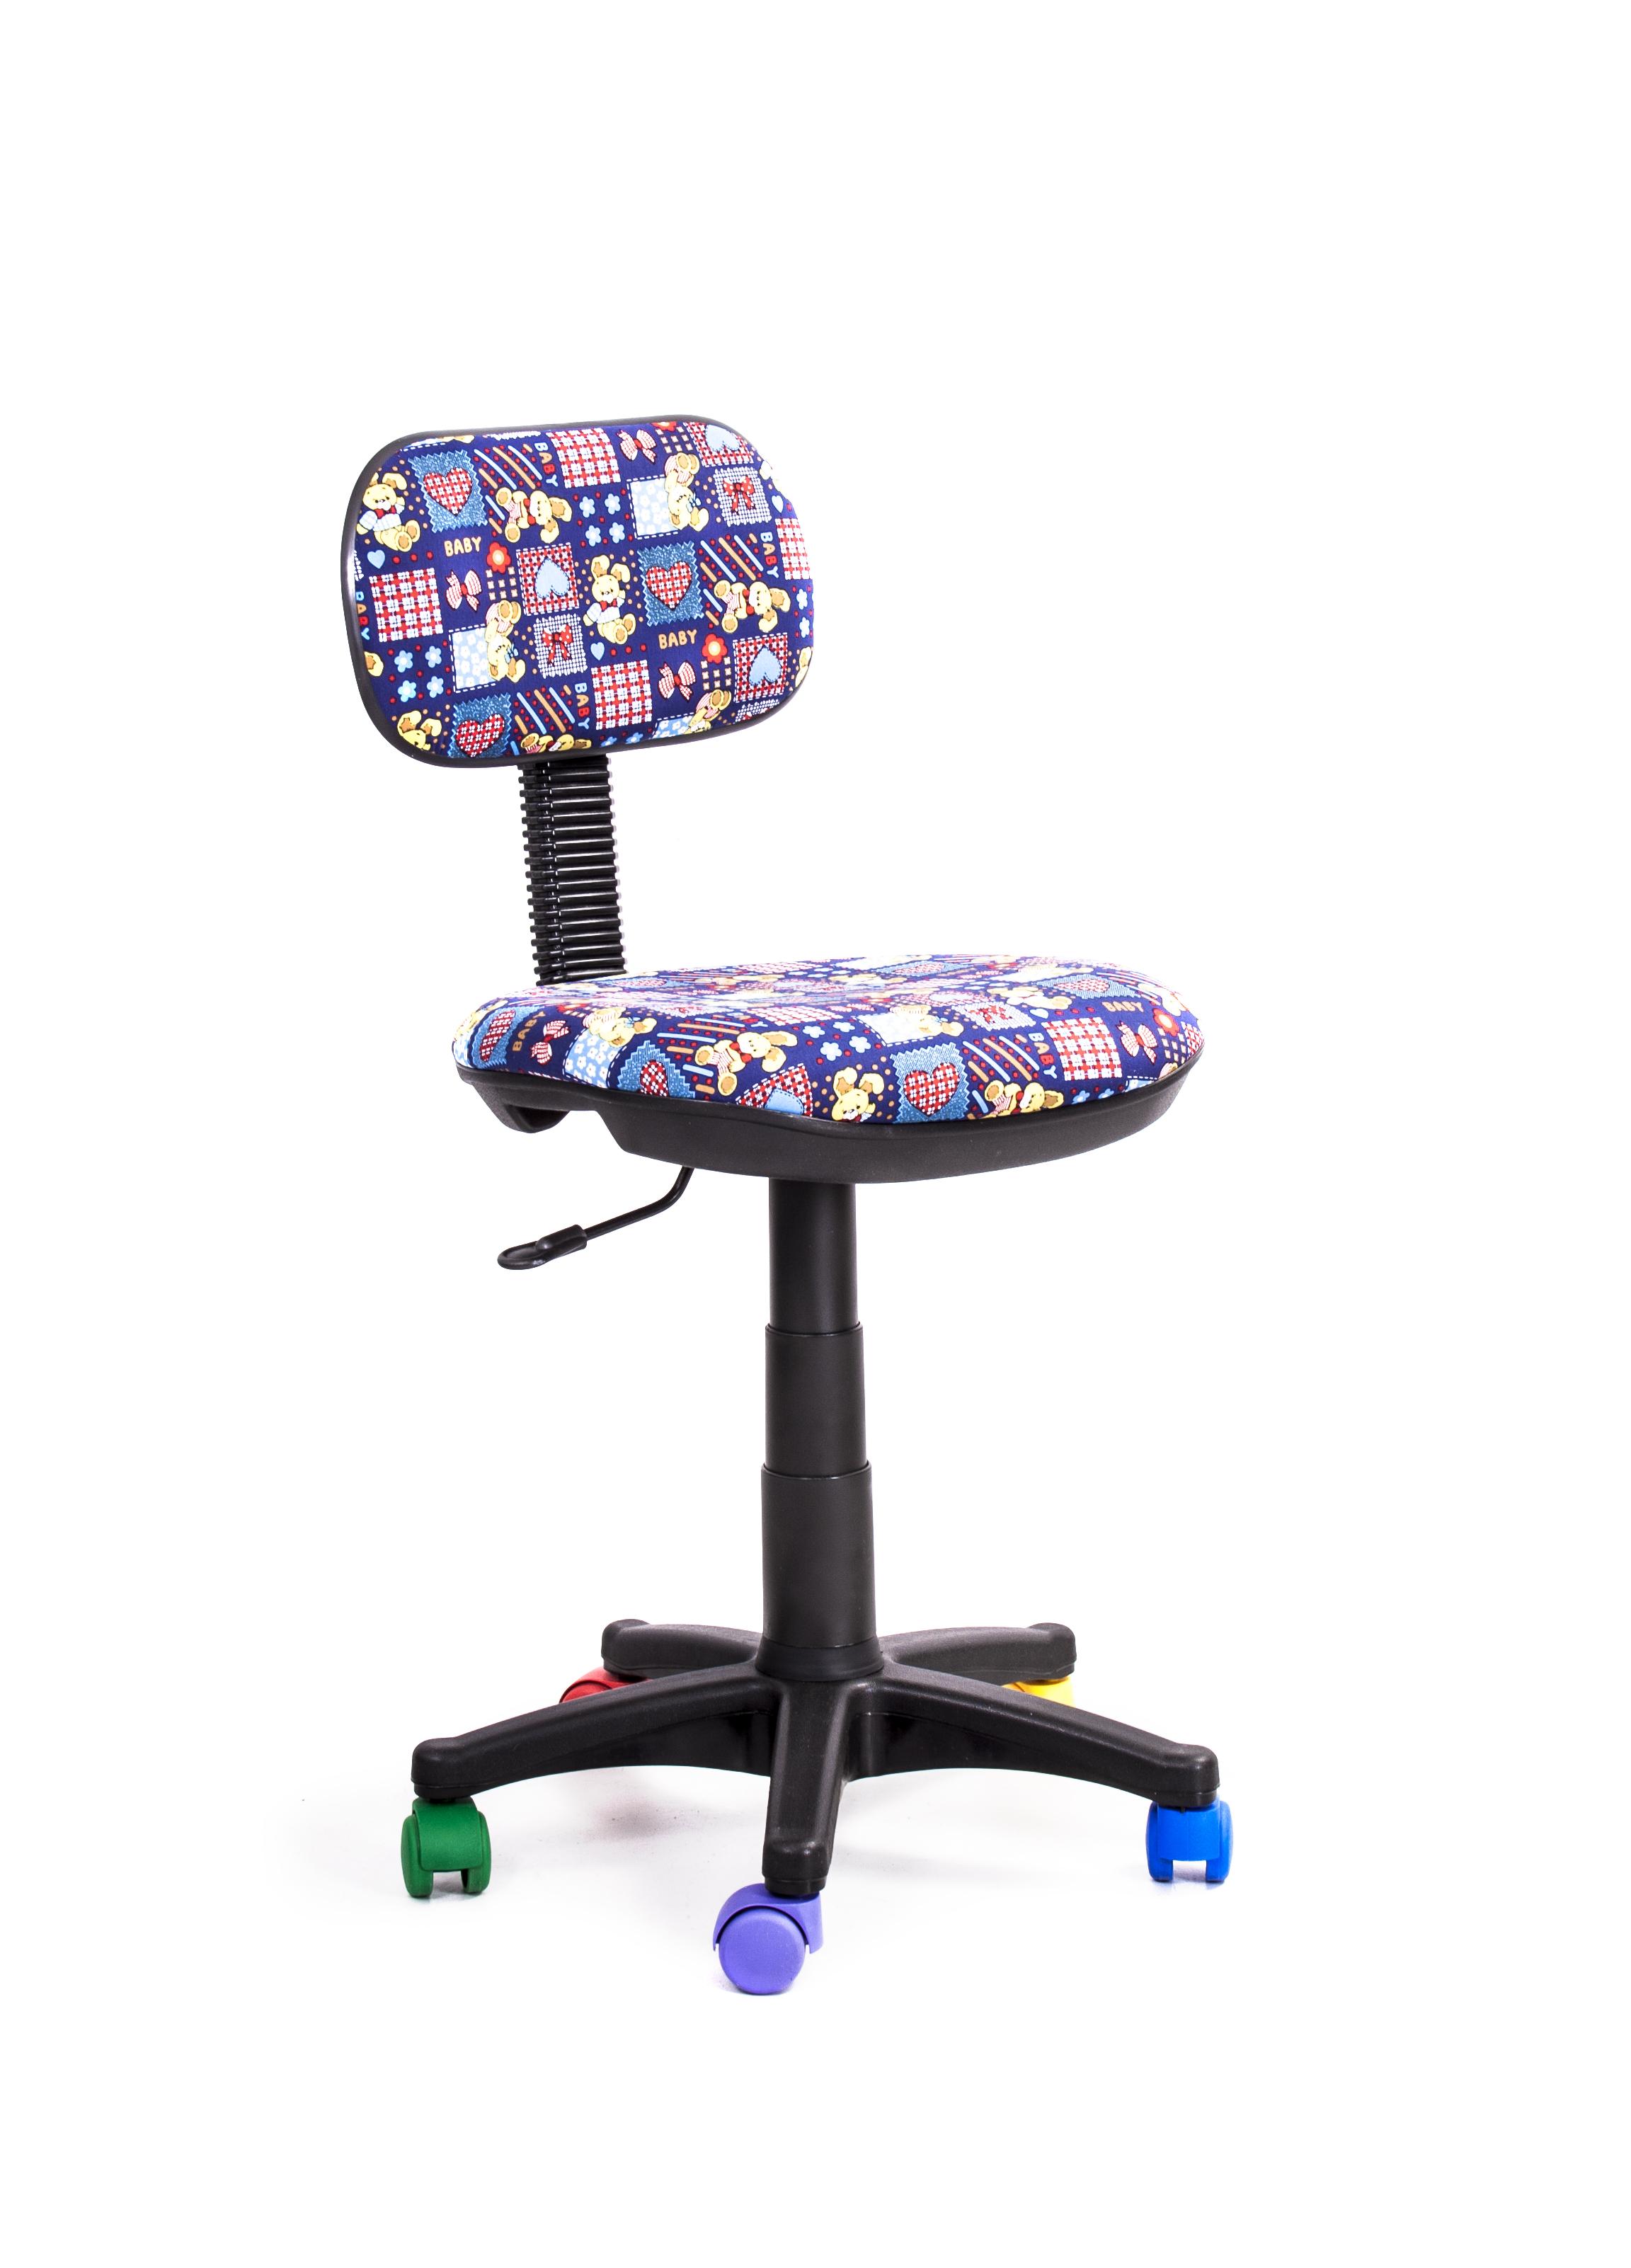 Кресло Recardo Junior D13 (разноцветные ролики, цвет обивки - лиловый, рисунок на обивке - плюшевые кролики) кресло recardo junior d 06 зеленый божья коровка